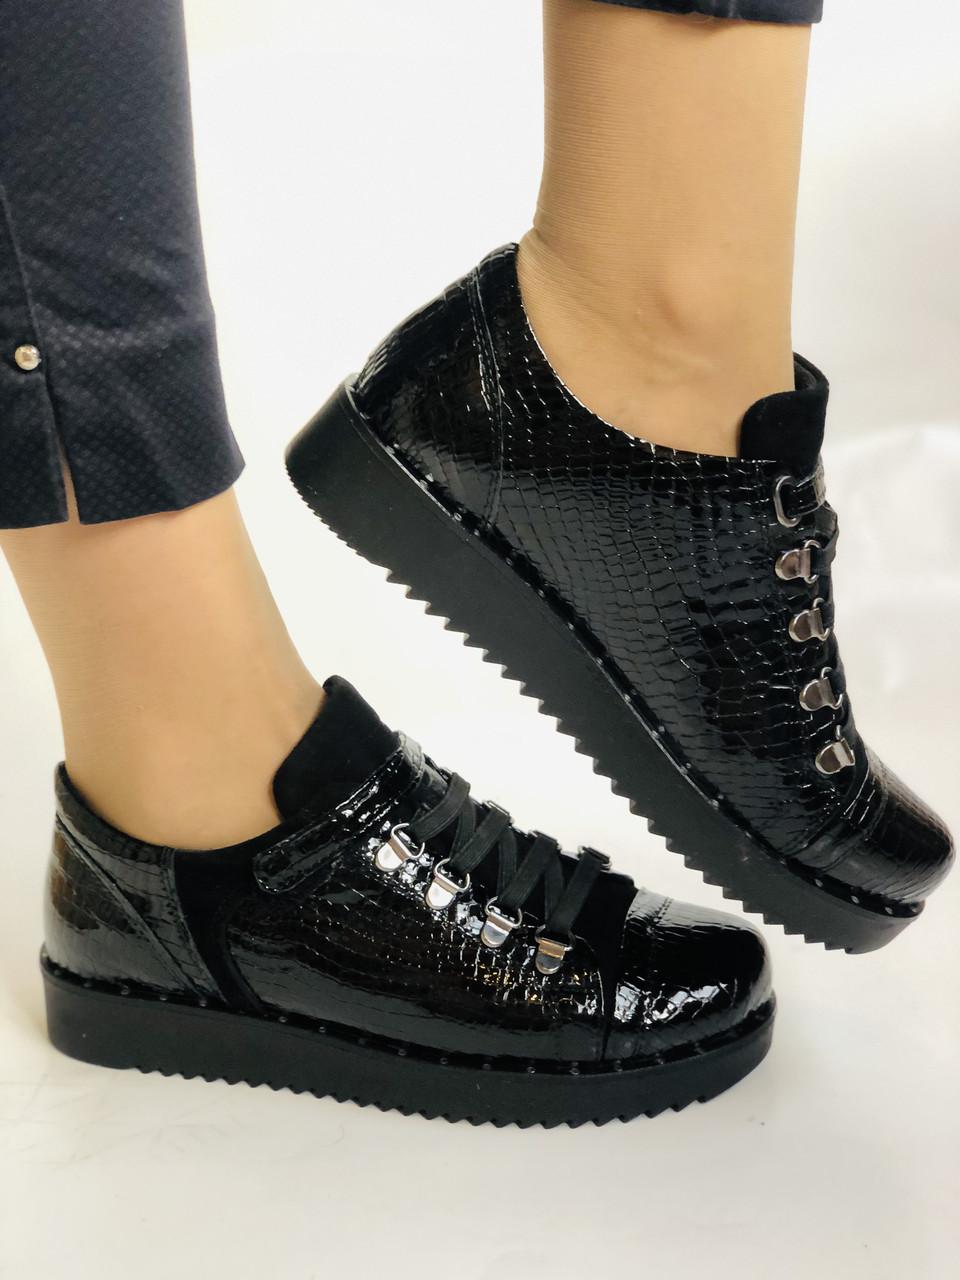 Зручні жіночі осінні туфлі. Натуральна лакована шкіра. Mamamia. Туреччина. 36-40 Vellena